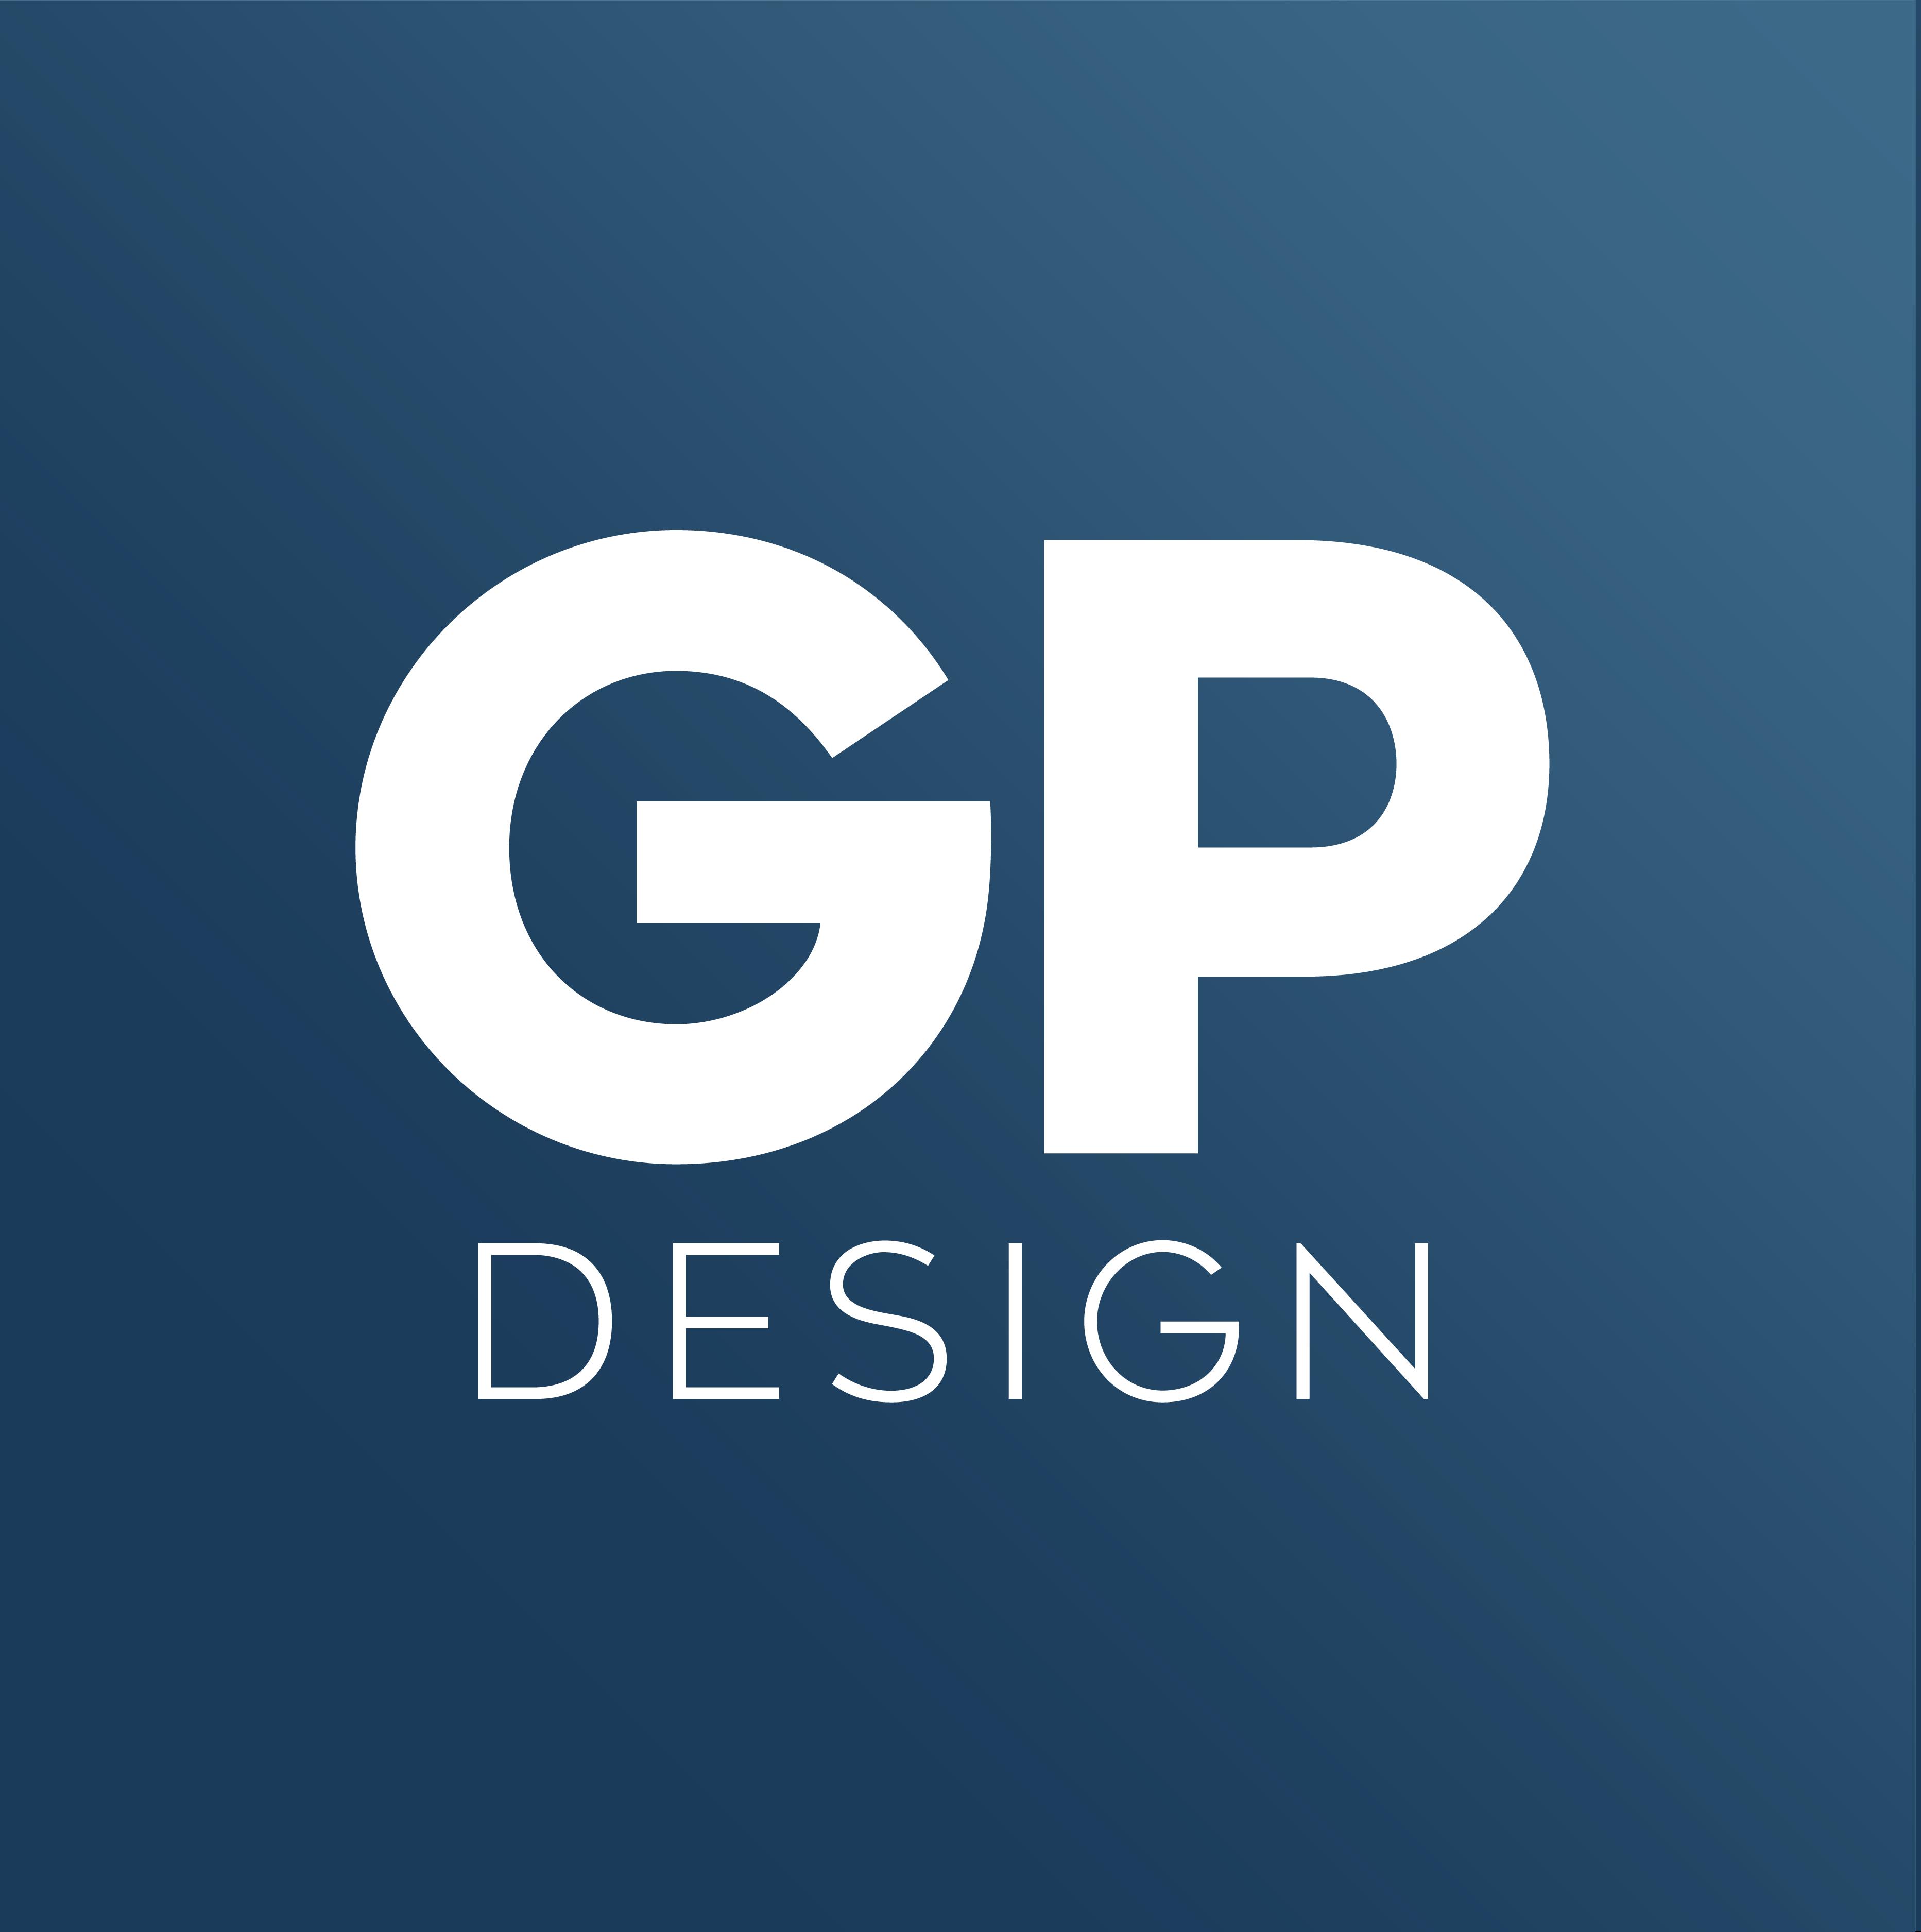 Grant Pollock Design